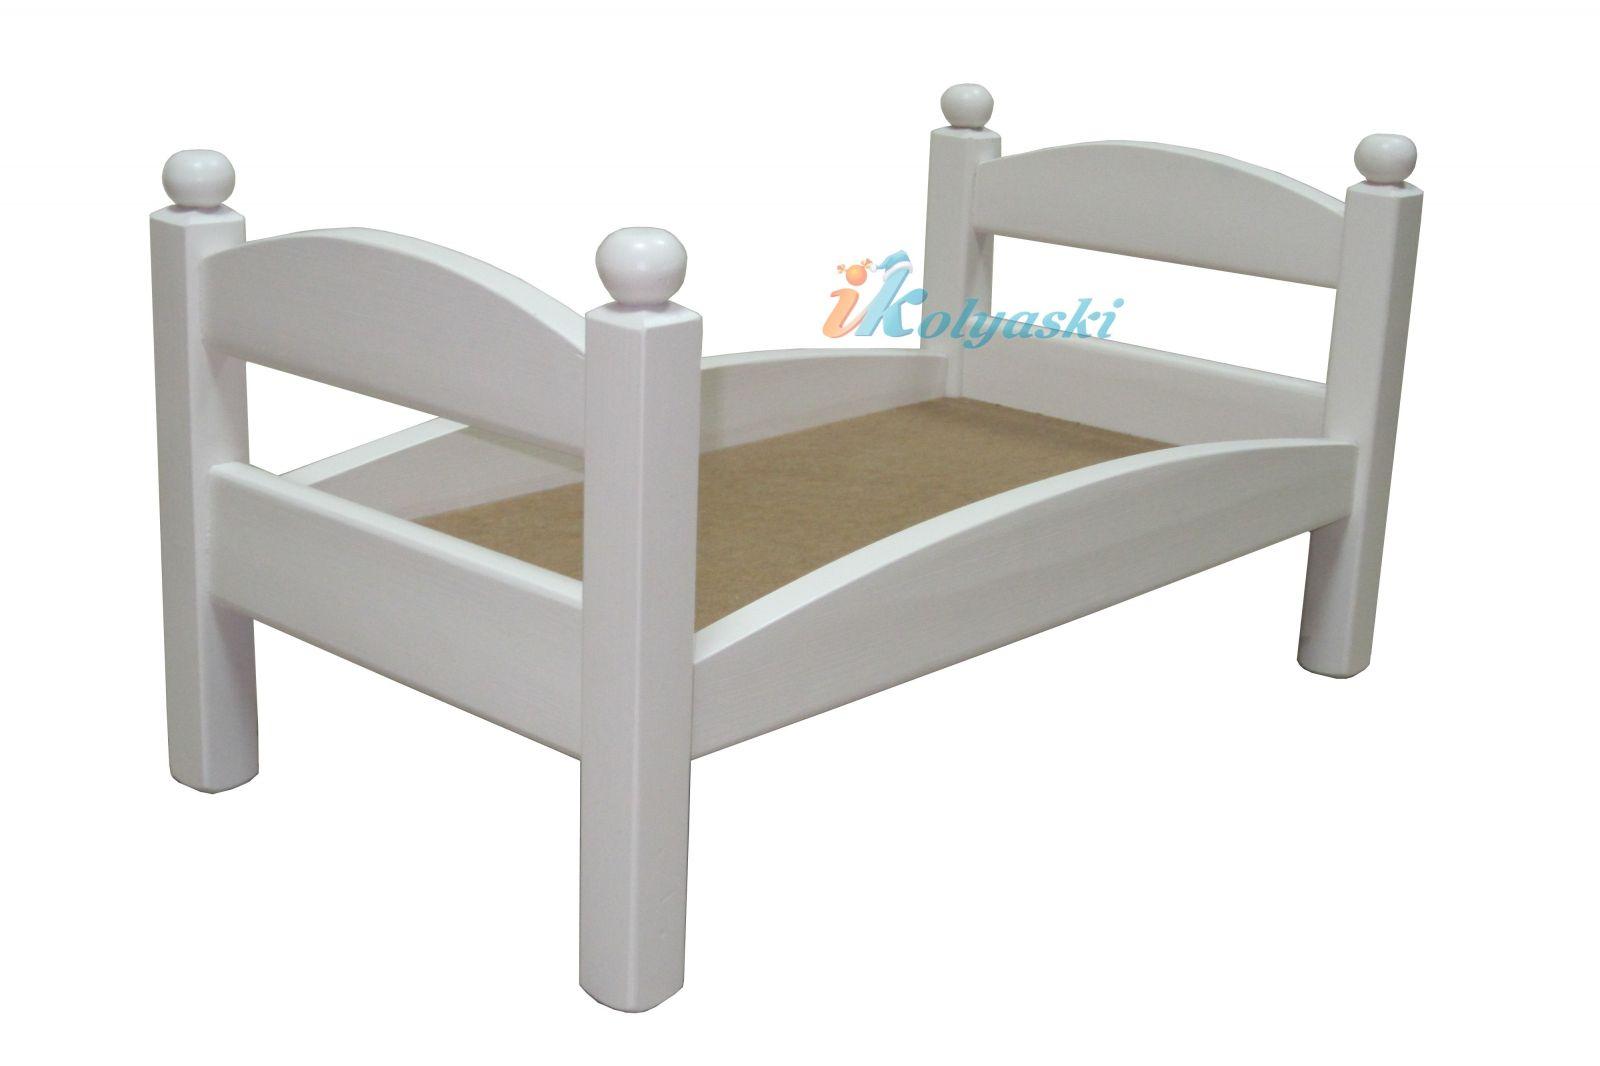 Кровать для кукол, кукольная кровать Ecobaby Синдерелла, массив, ручная работа, цвет белый, размер 55х29х29 см